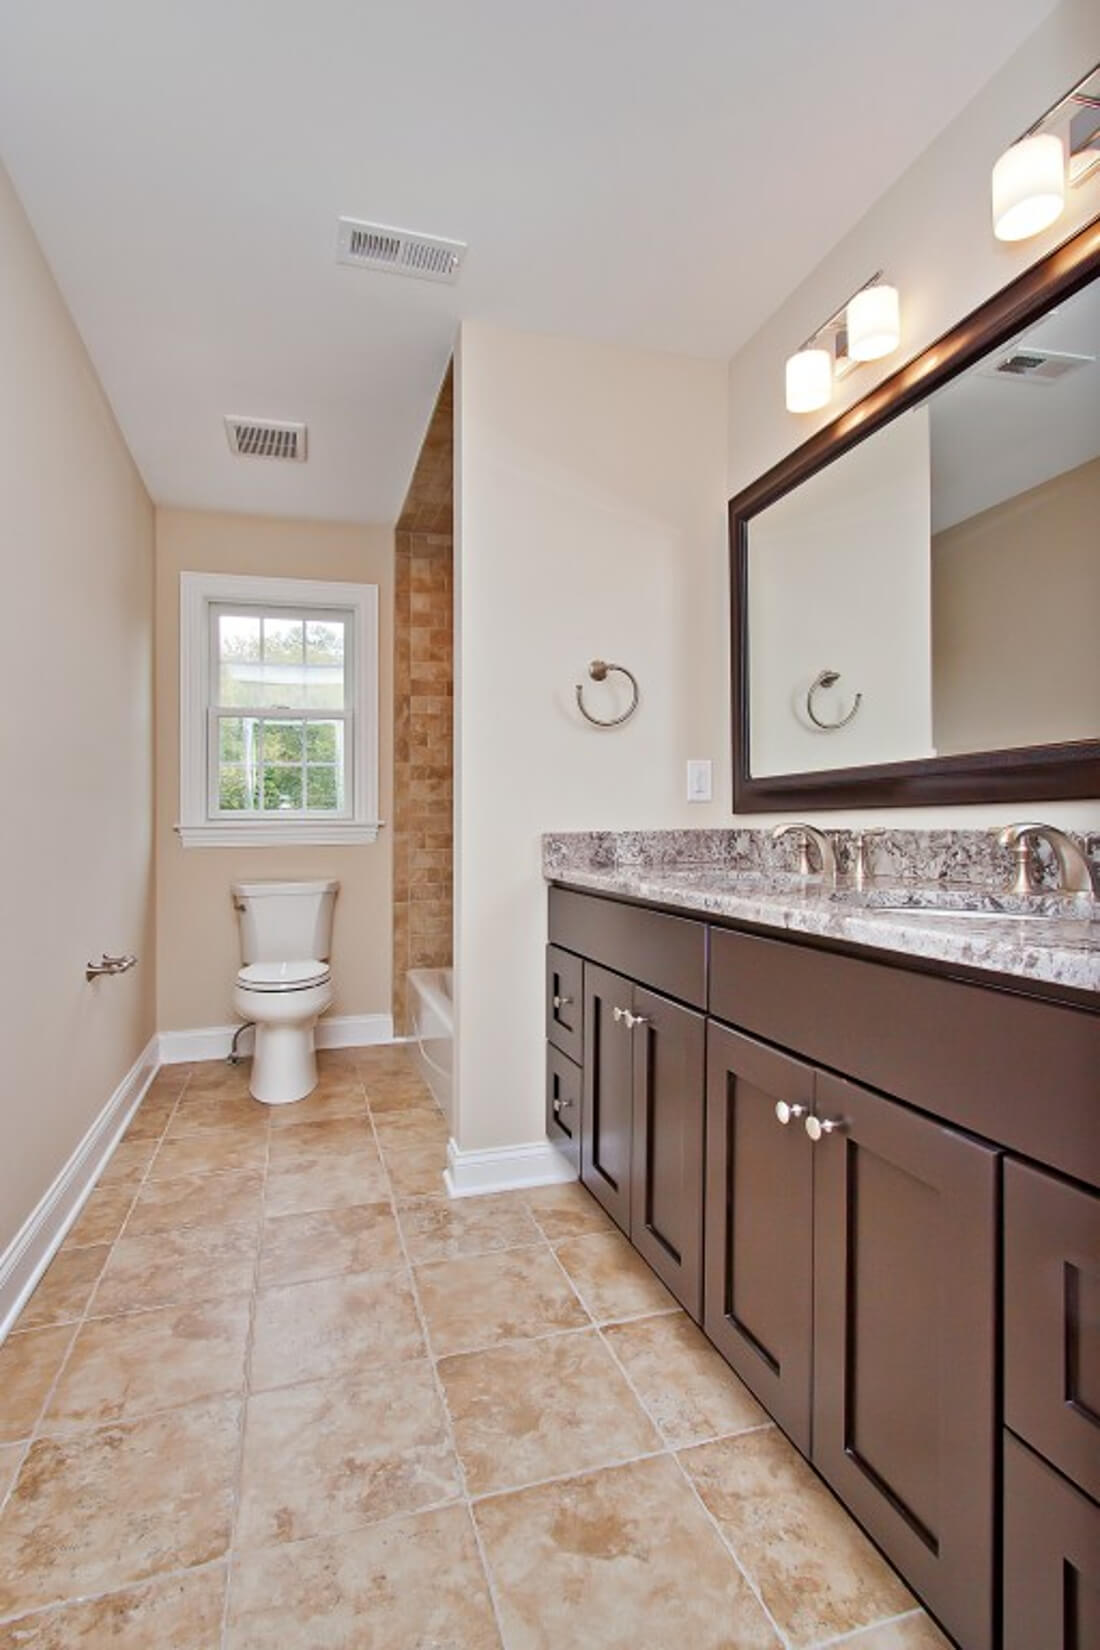 62 Tamaques 2nd Floor Hall Bathroom